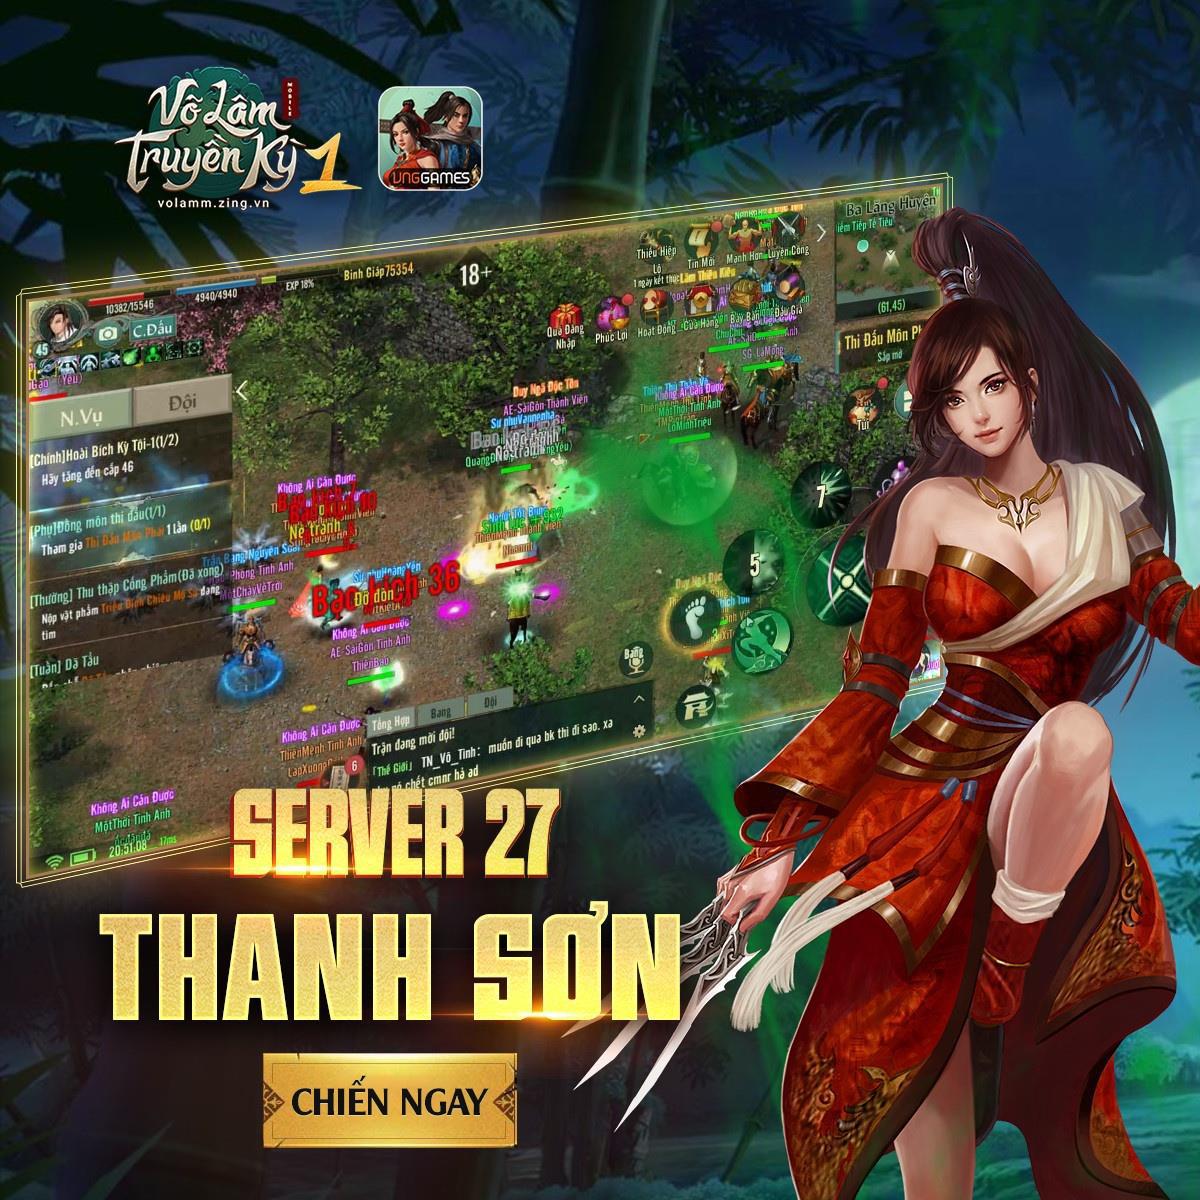 Võ Lâm Truyền Kỳ 1 Mobile ra mắt: Ngập tràn cảm xúc trong cộng đồng game thủ Việt - Ảnh 6.